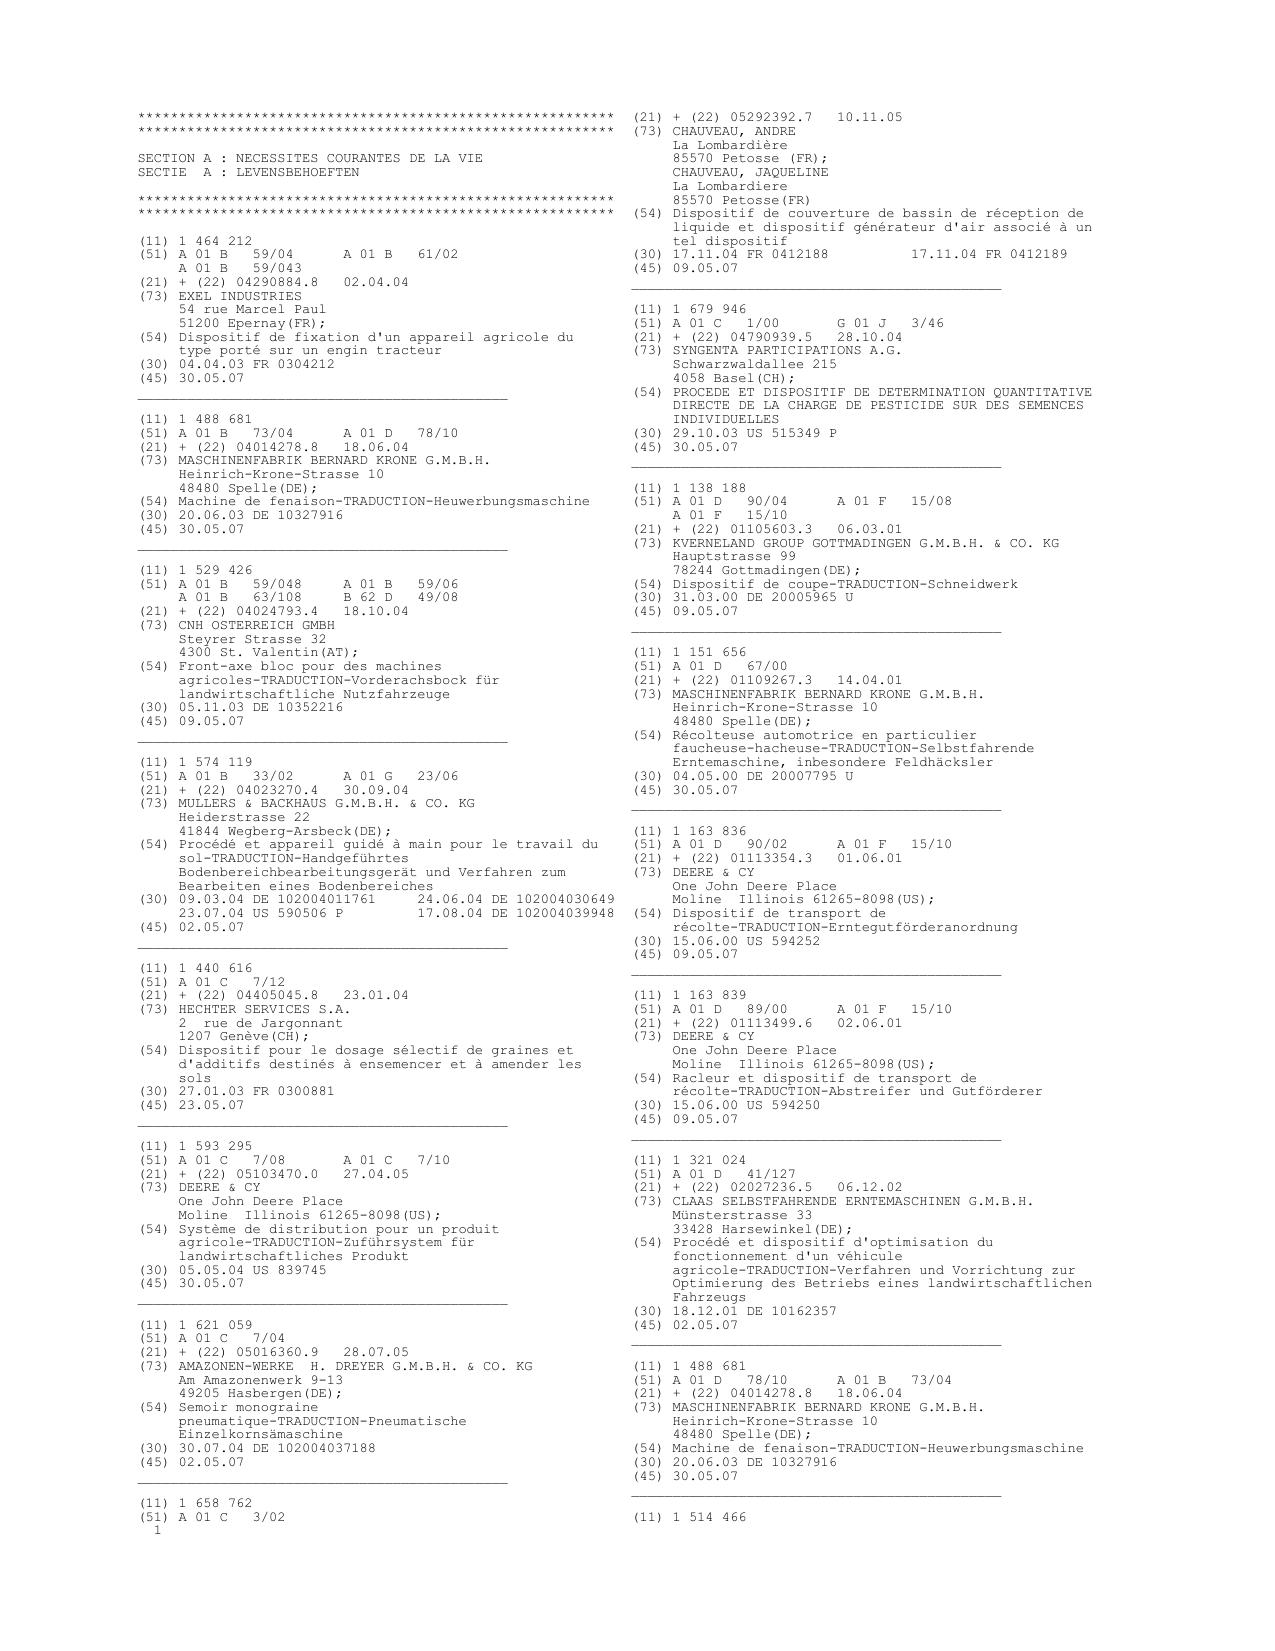 Soufflets phrase pilotage des deux côtés PEUGEOT 206 Hayon 206 SW 307 CC 3a//c 3b